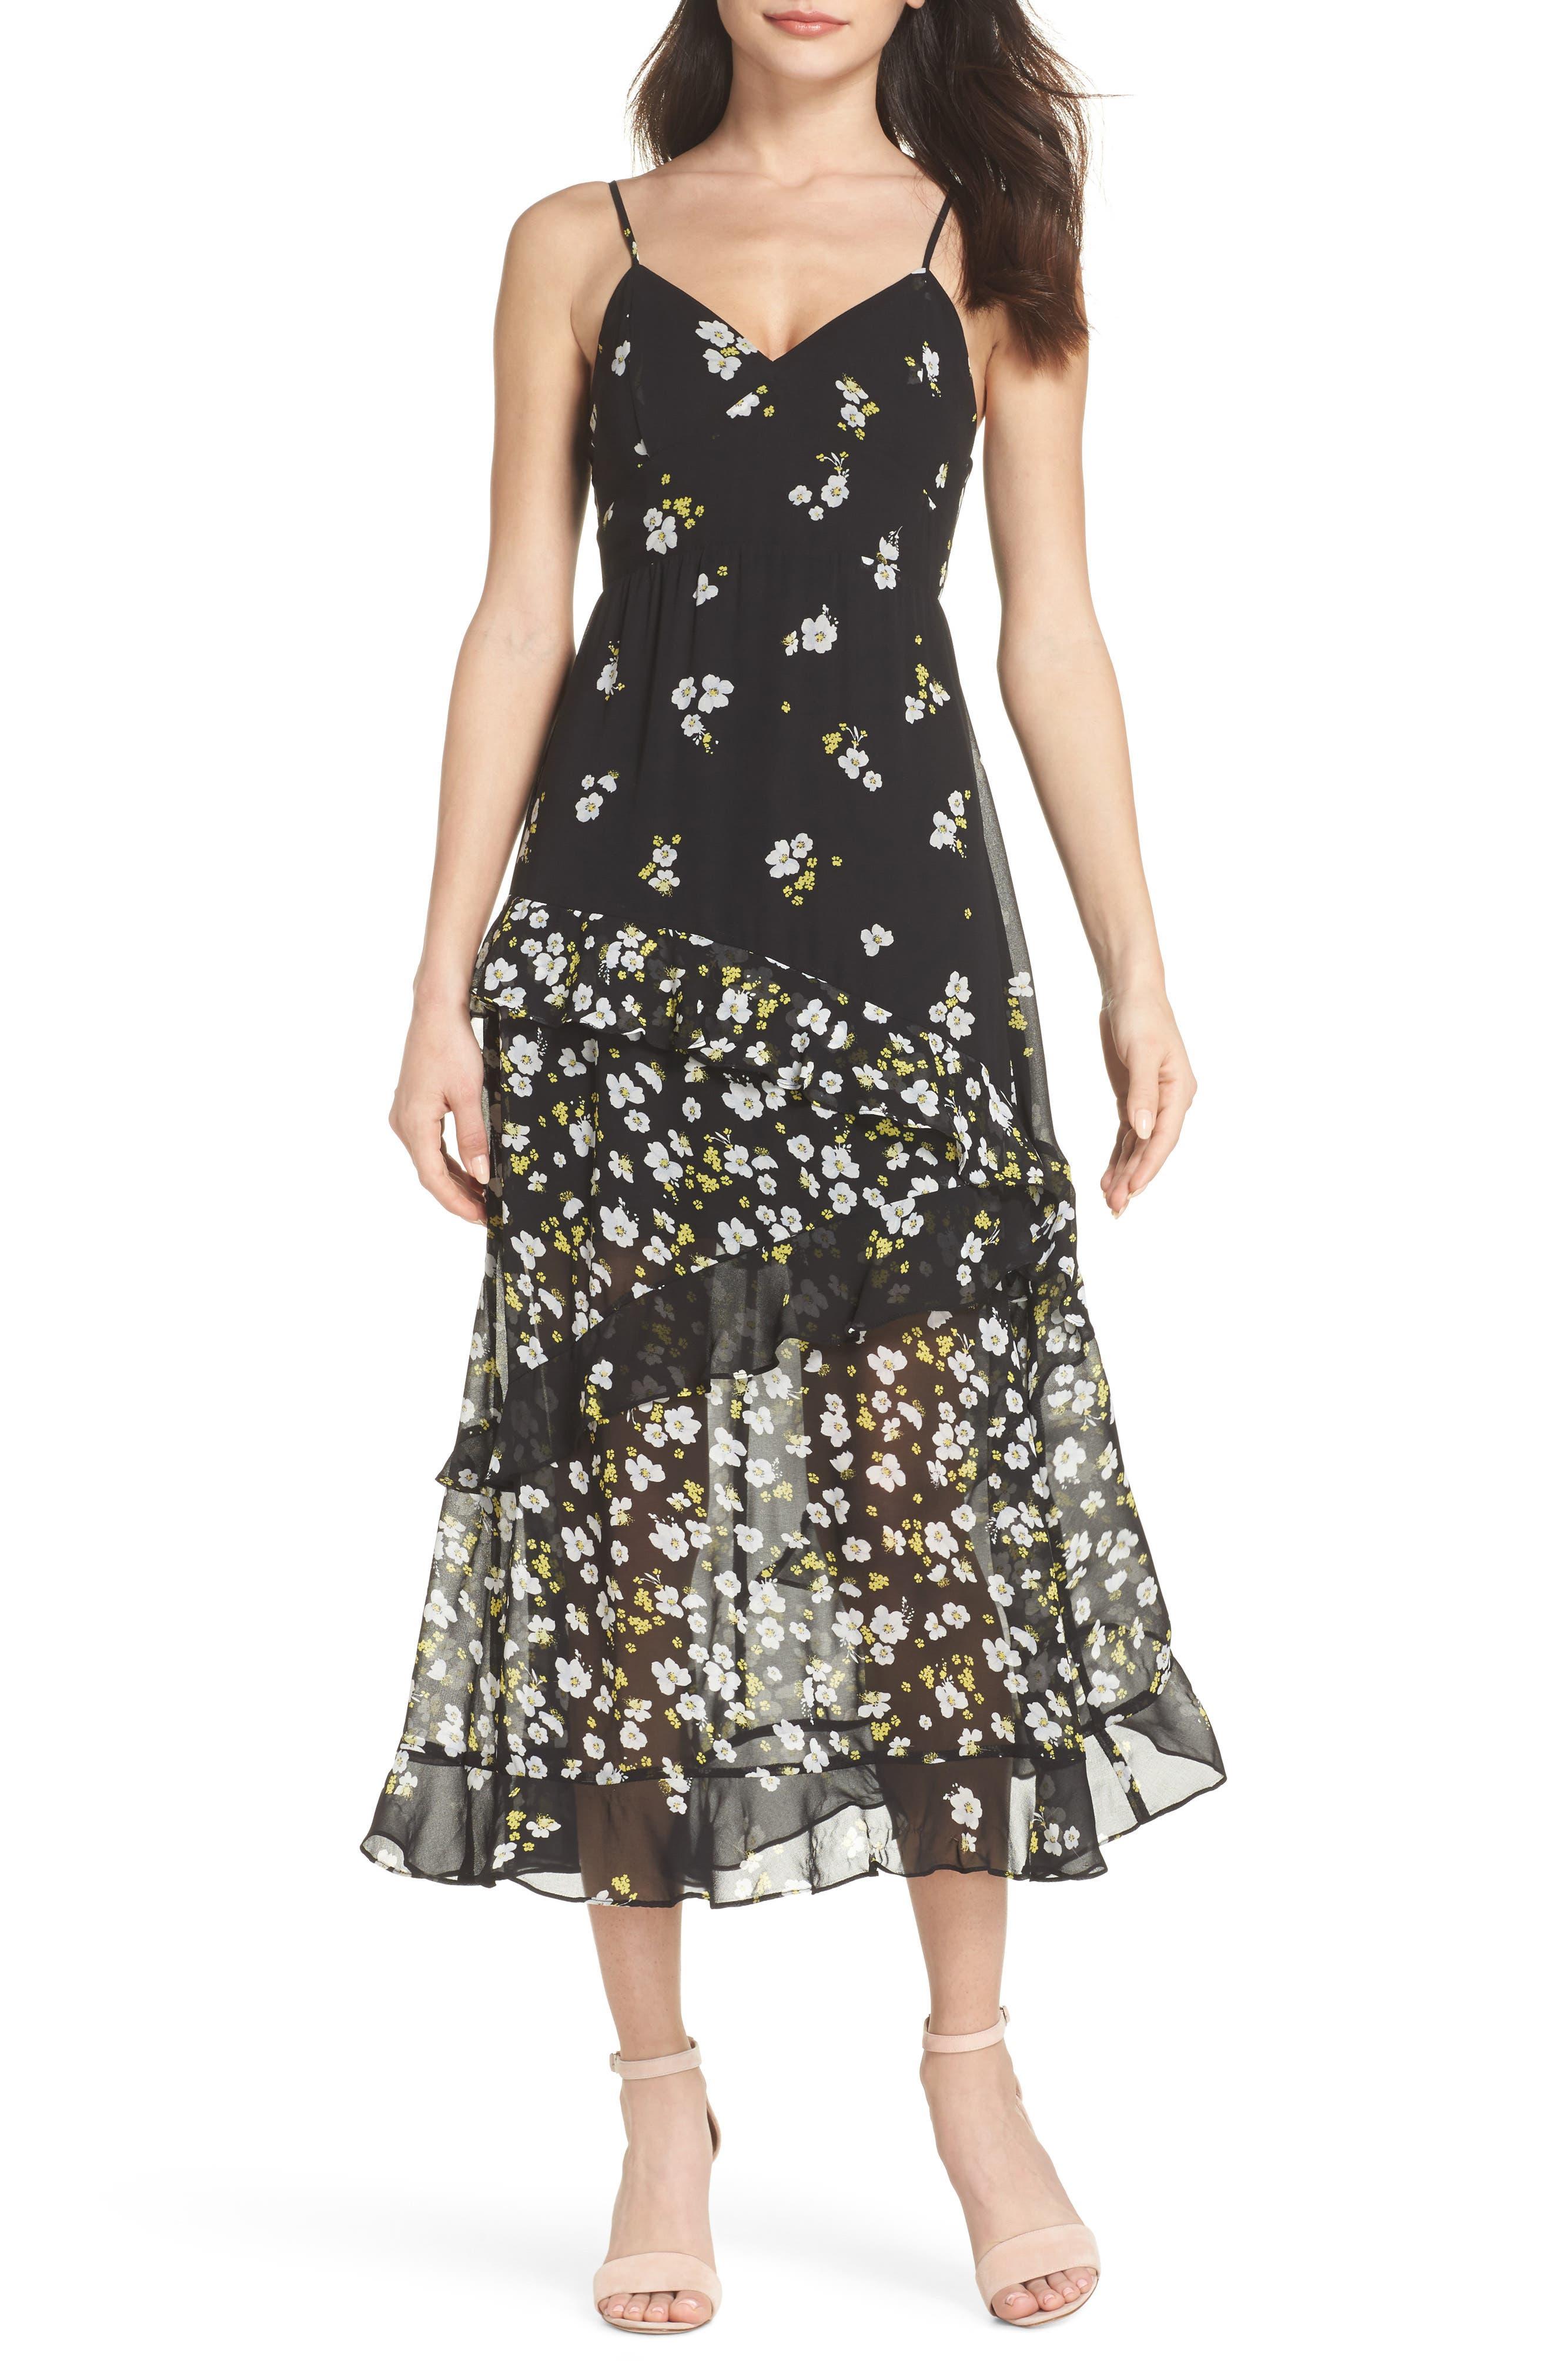 Ditzy Floral & Ruffle Chiffon Dress,                             Main thumbnail 1, color,                             Ditsy